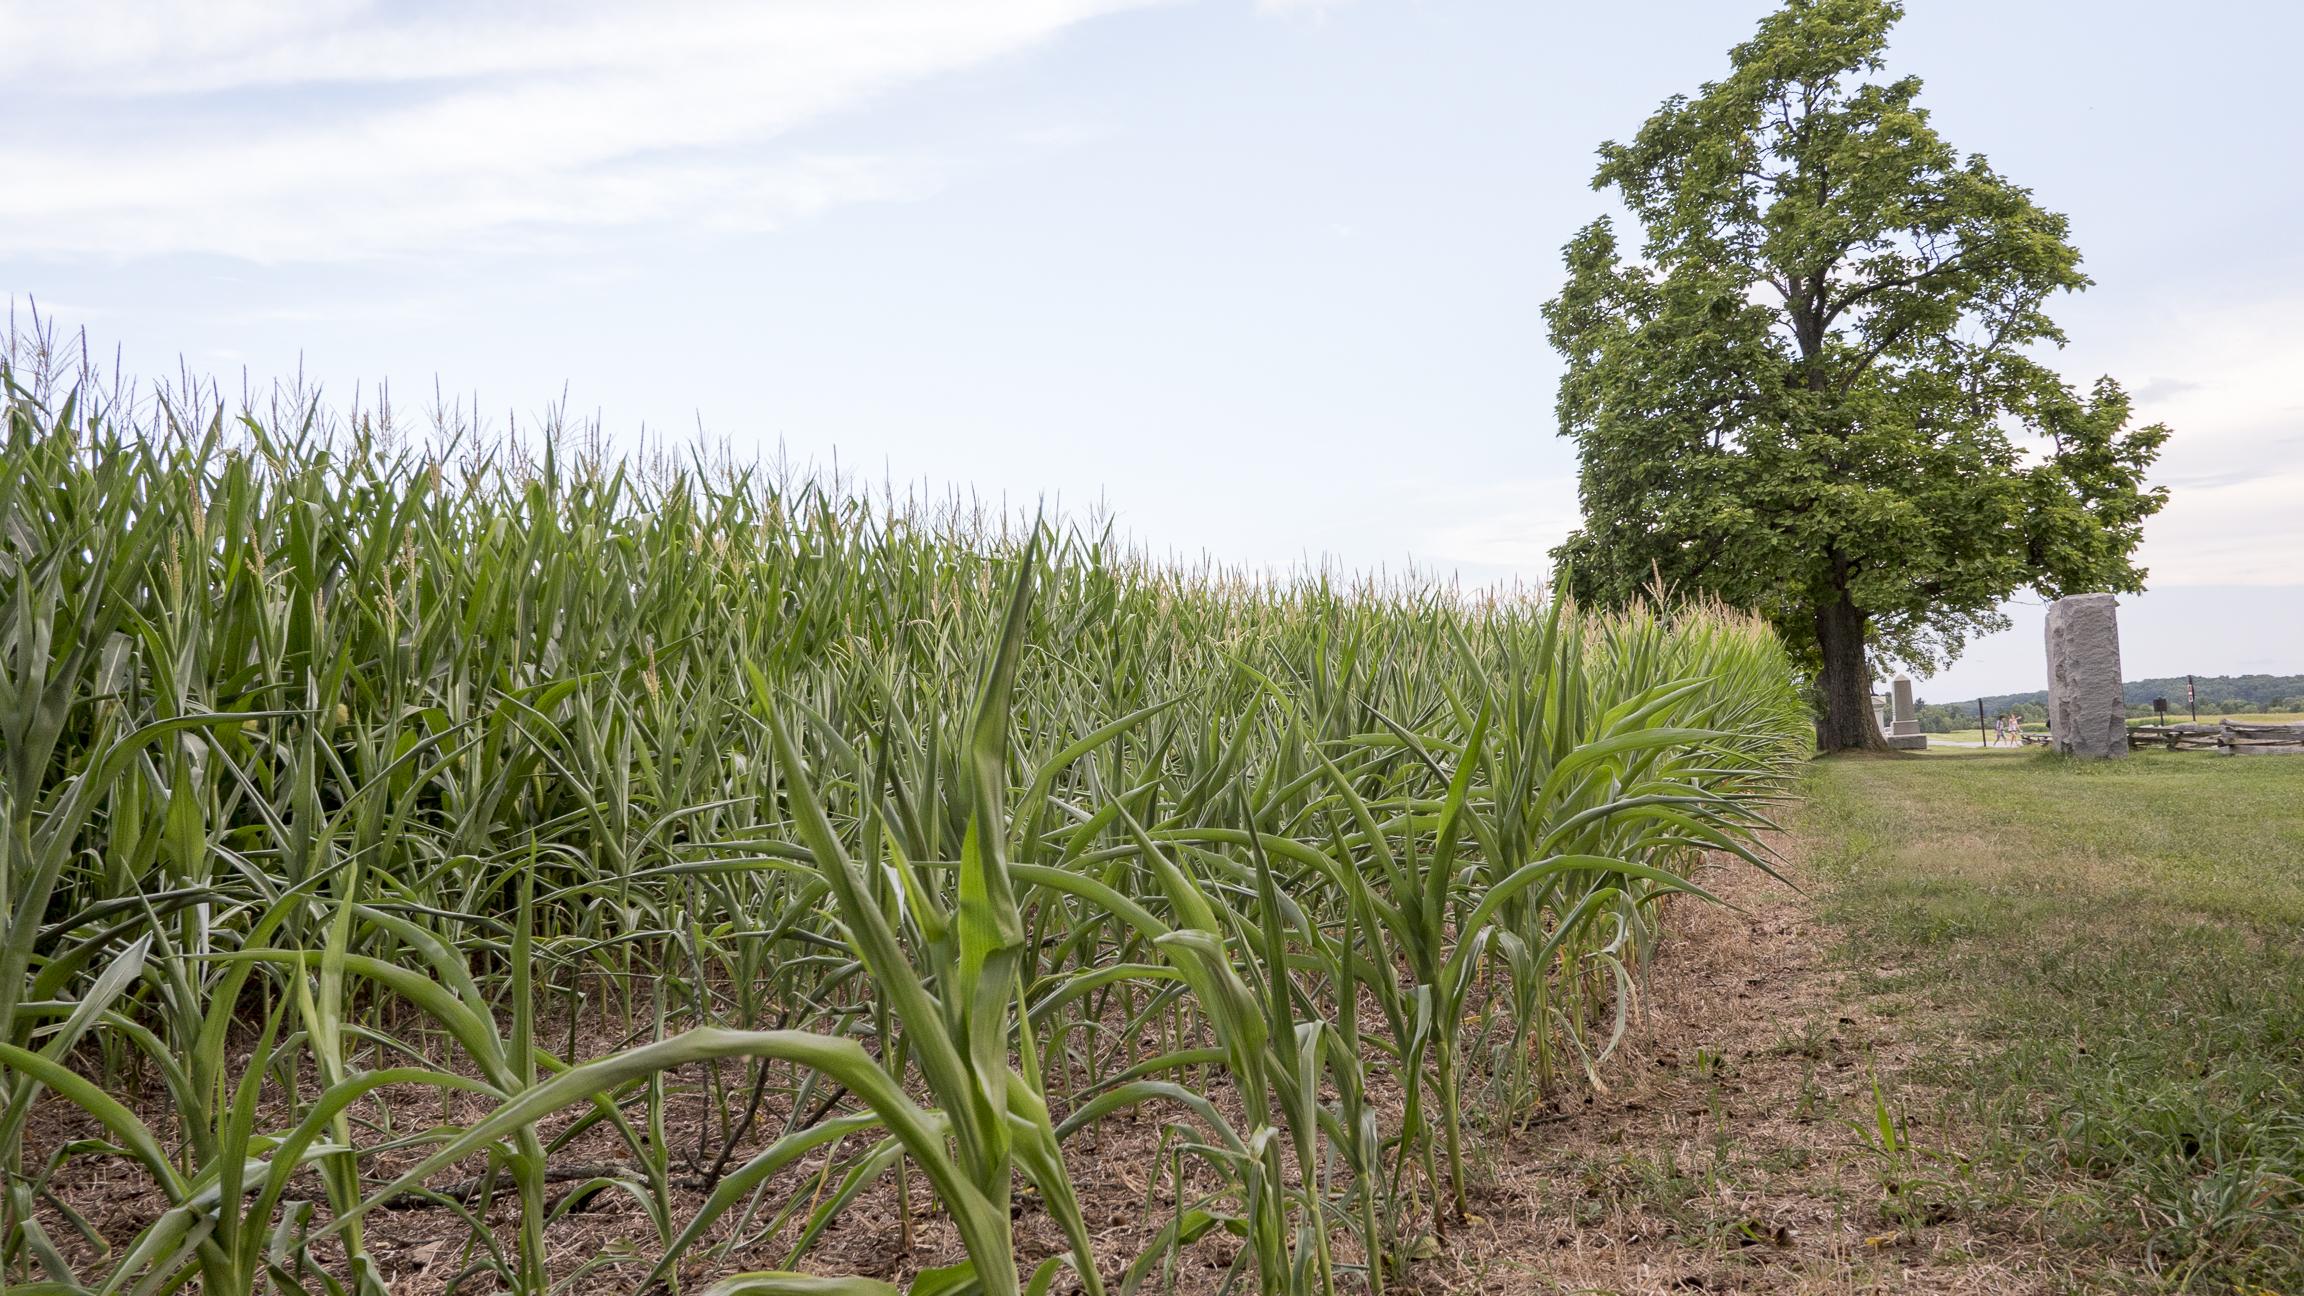 Fullsize Of Grass On Steroids